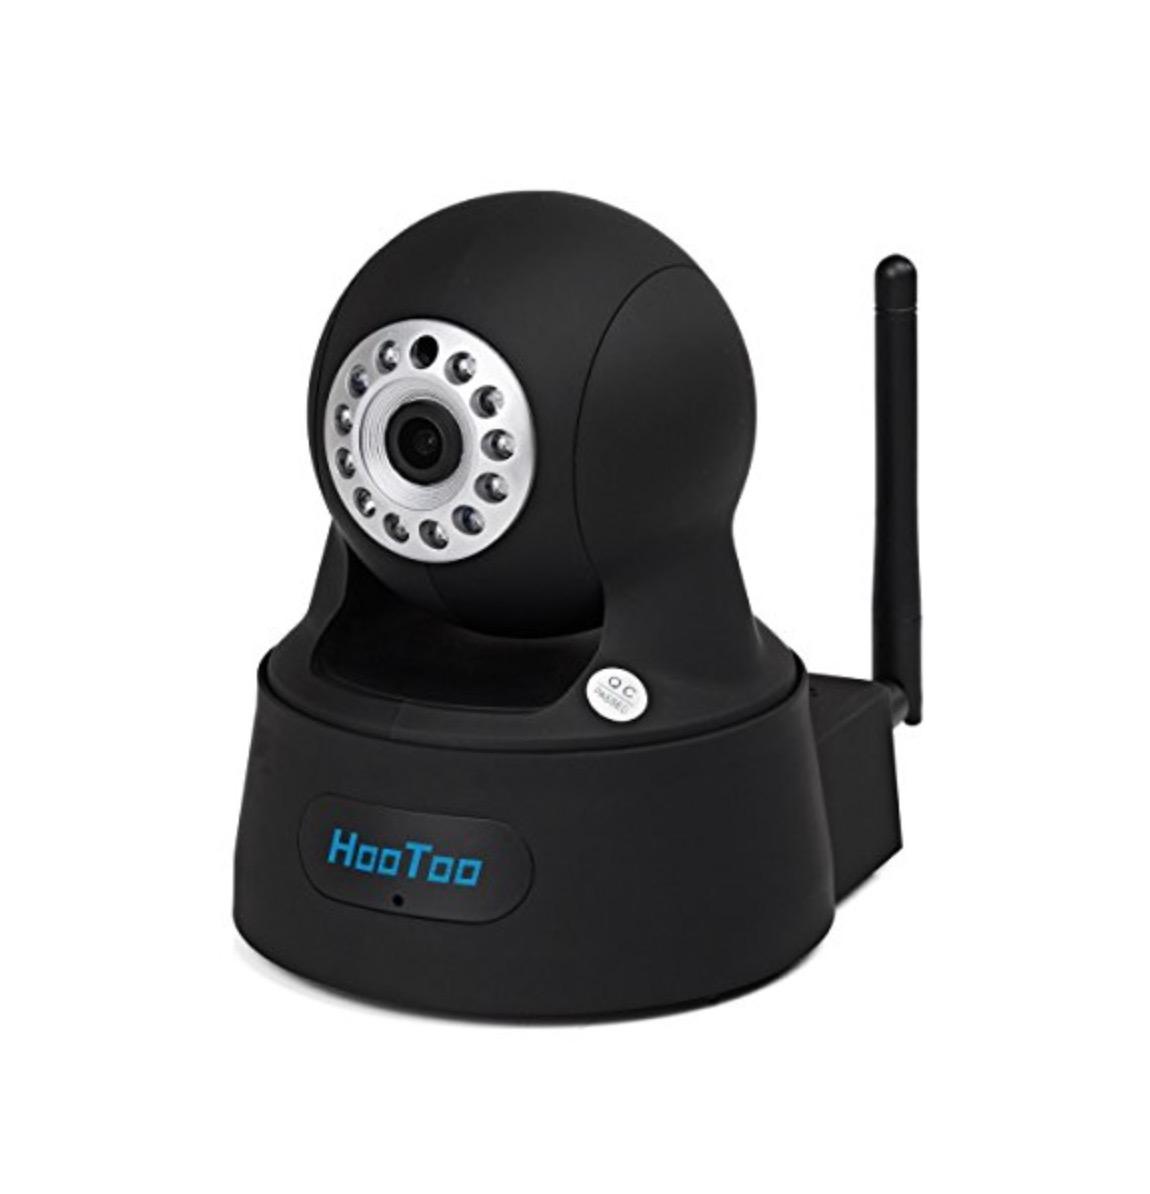 Casa sotto controllo anche in vacanza con iPhone e telecamera HooToo: sconto 59 euro